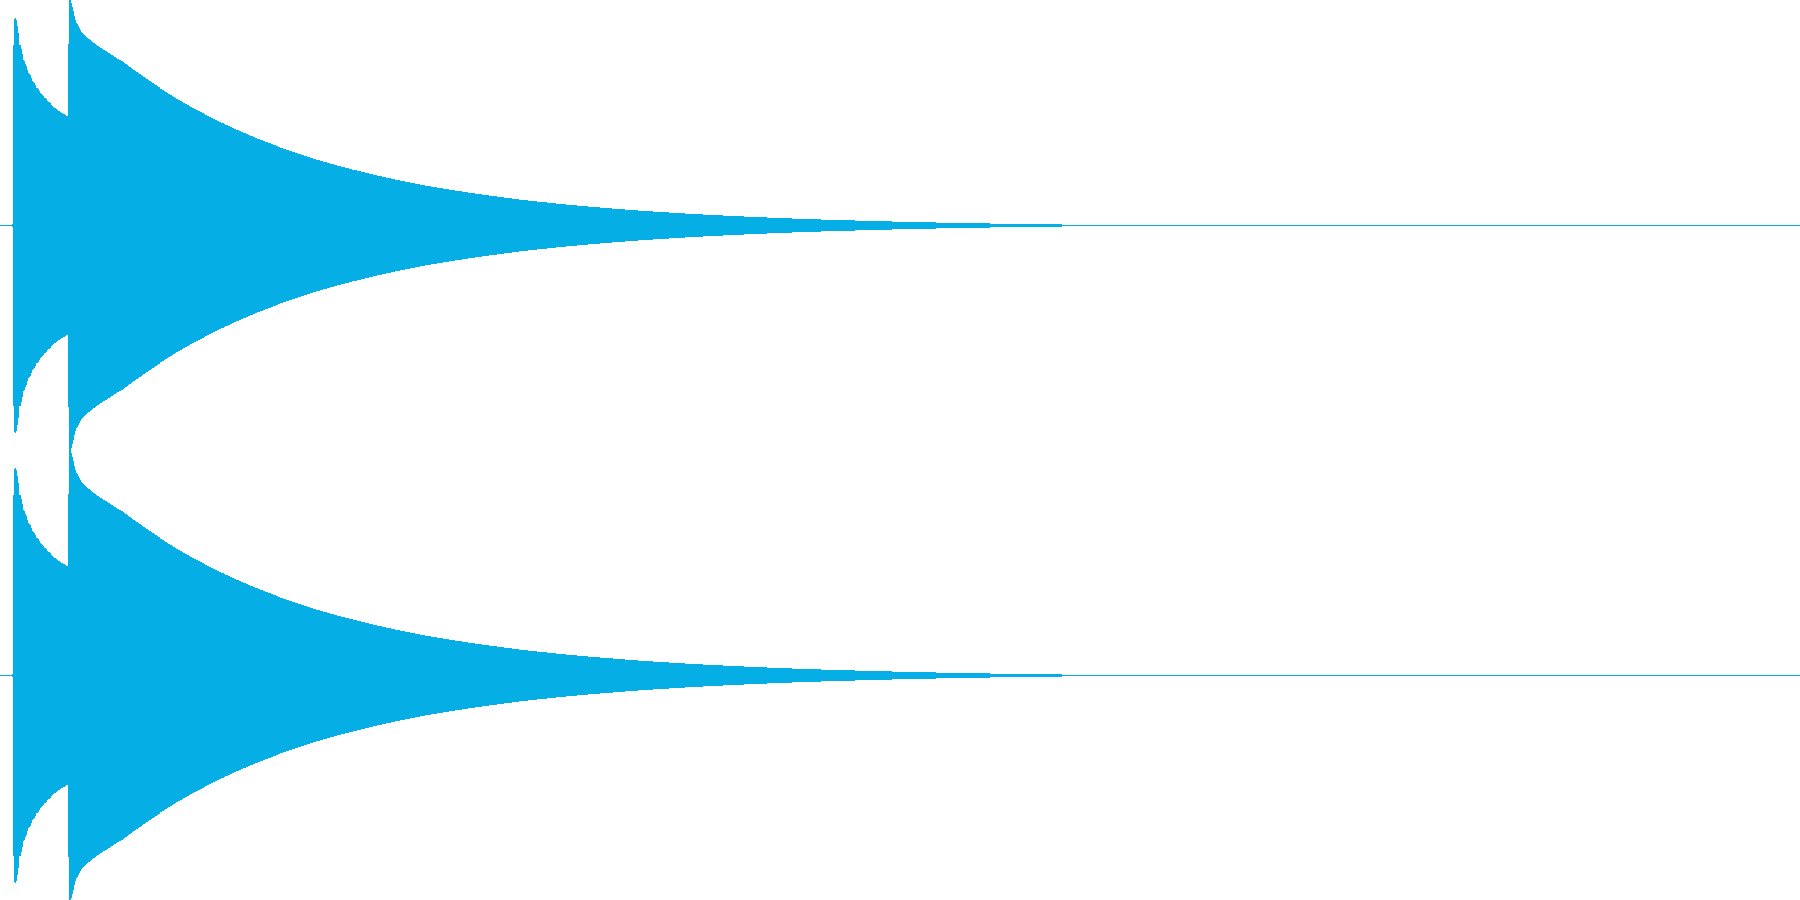 ピコン。シンプルなベルの効果音です。の再生済みの波形